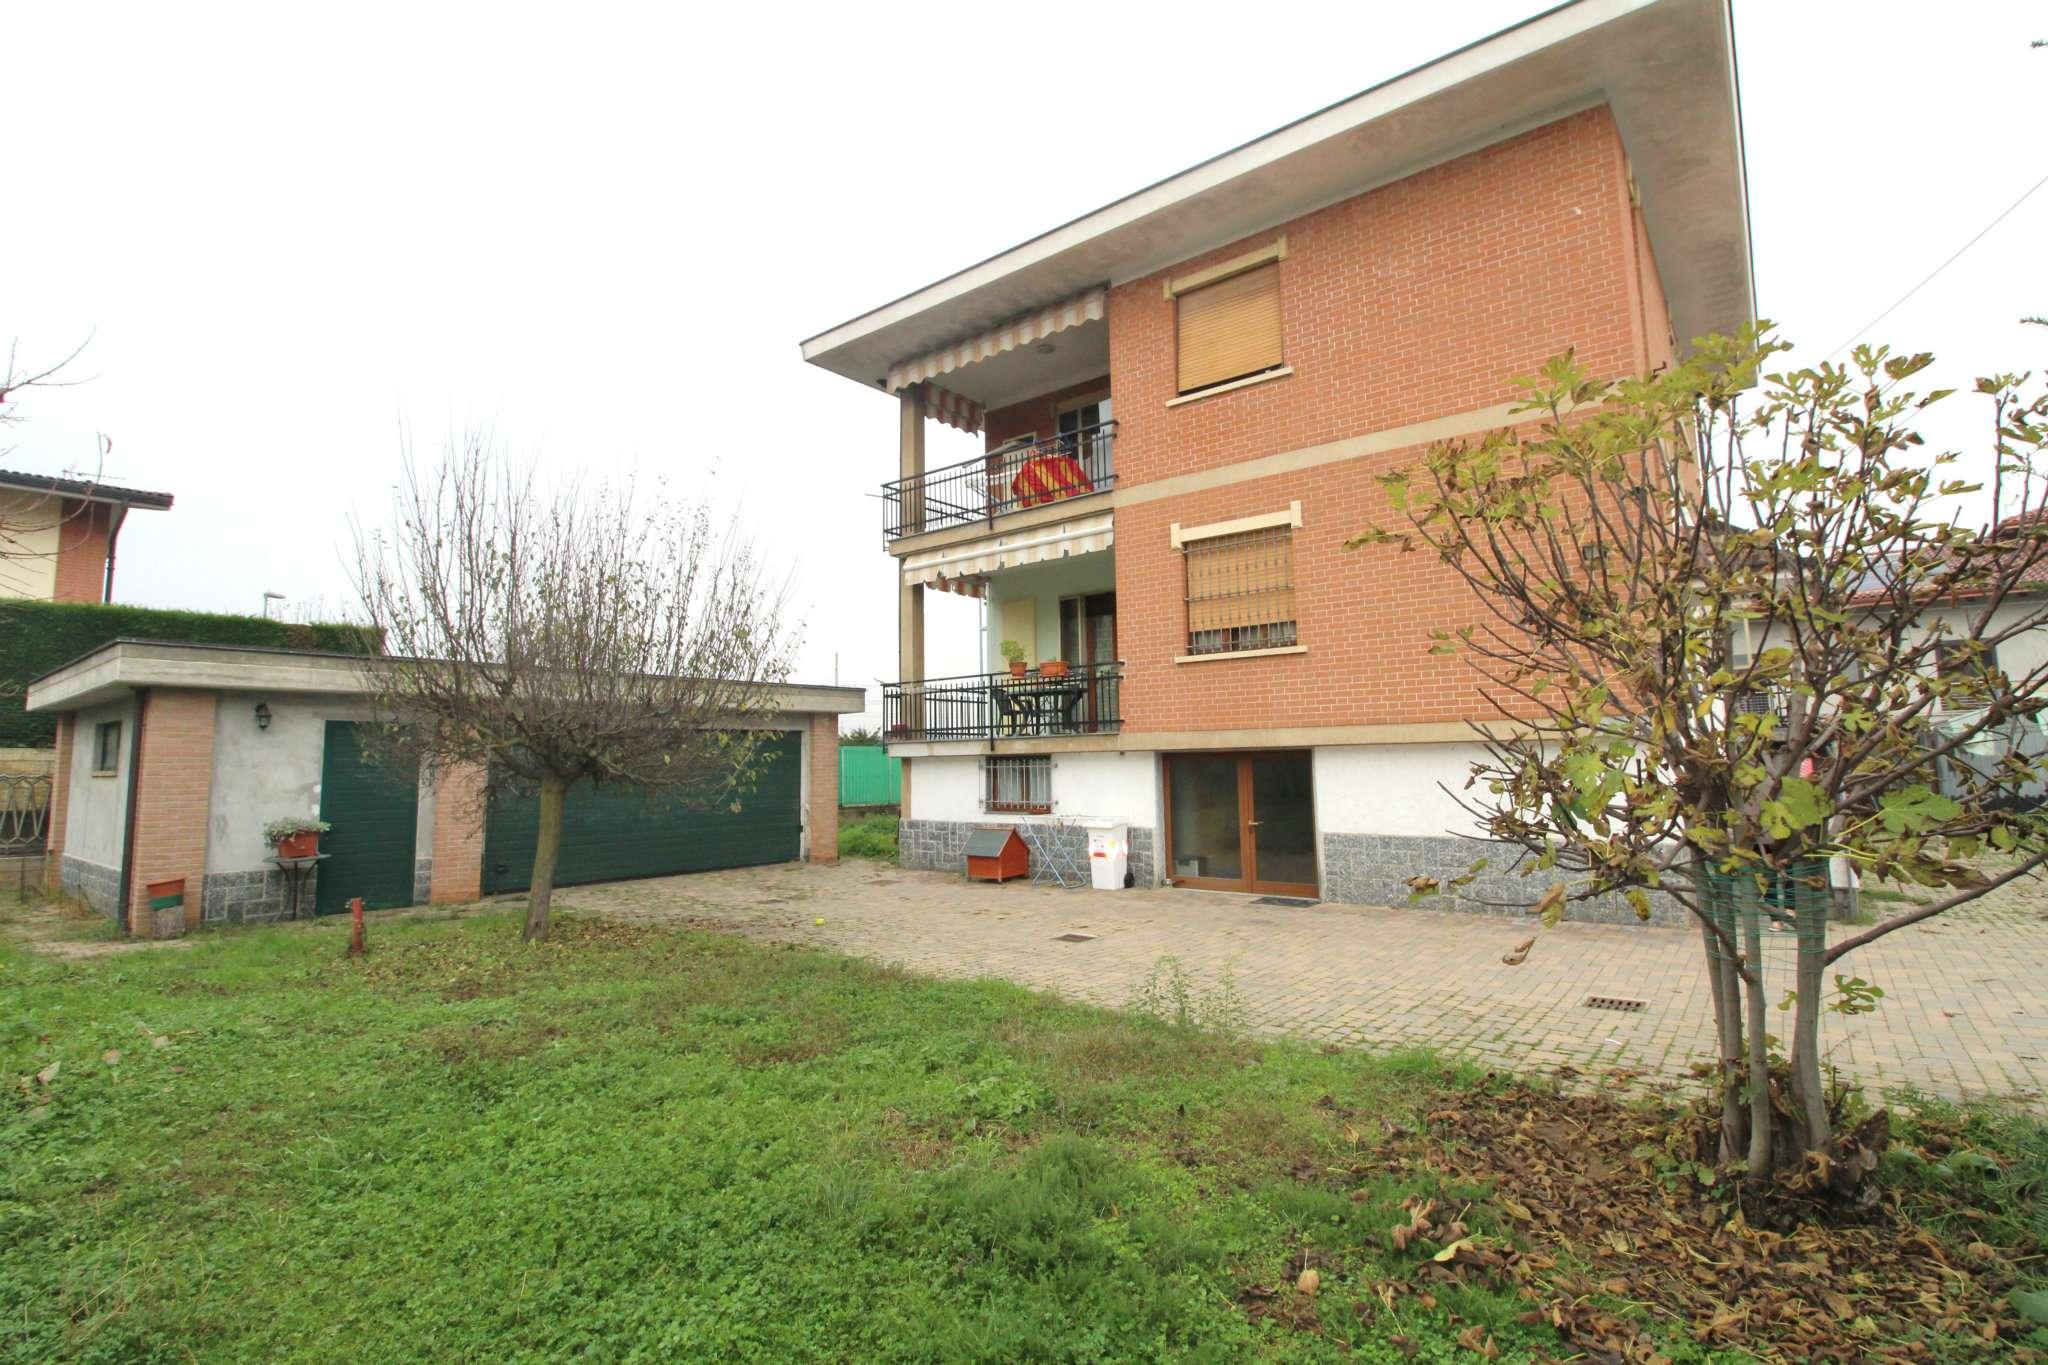 Villa Bifamiliare in vendita a Candiolo, 8 locali, prezzo € 349.000 | PortaleAgenzieImmobiliari.it